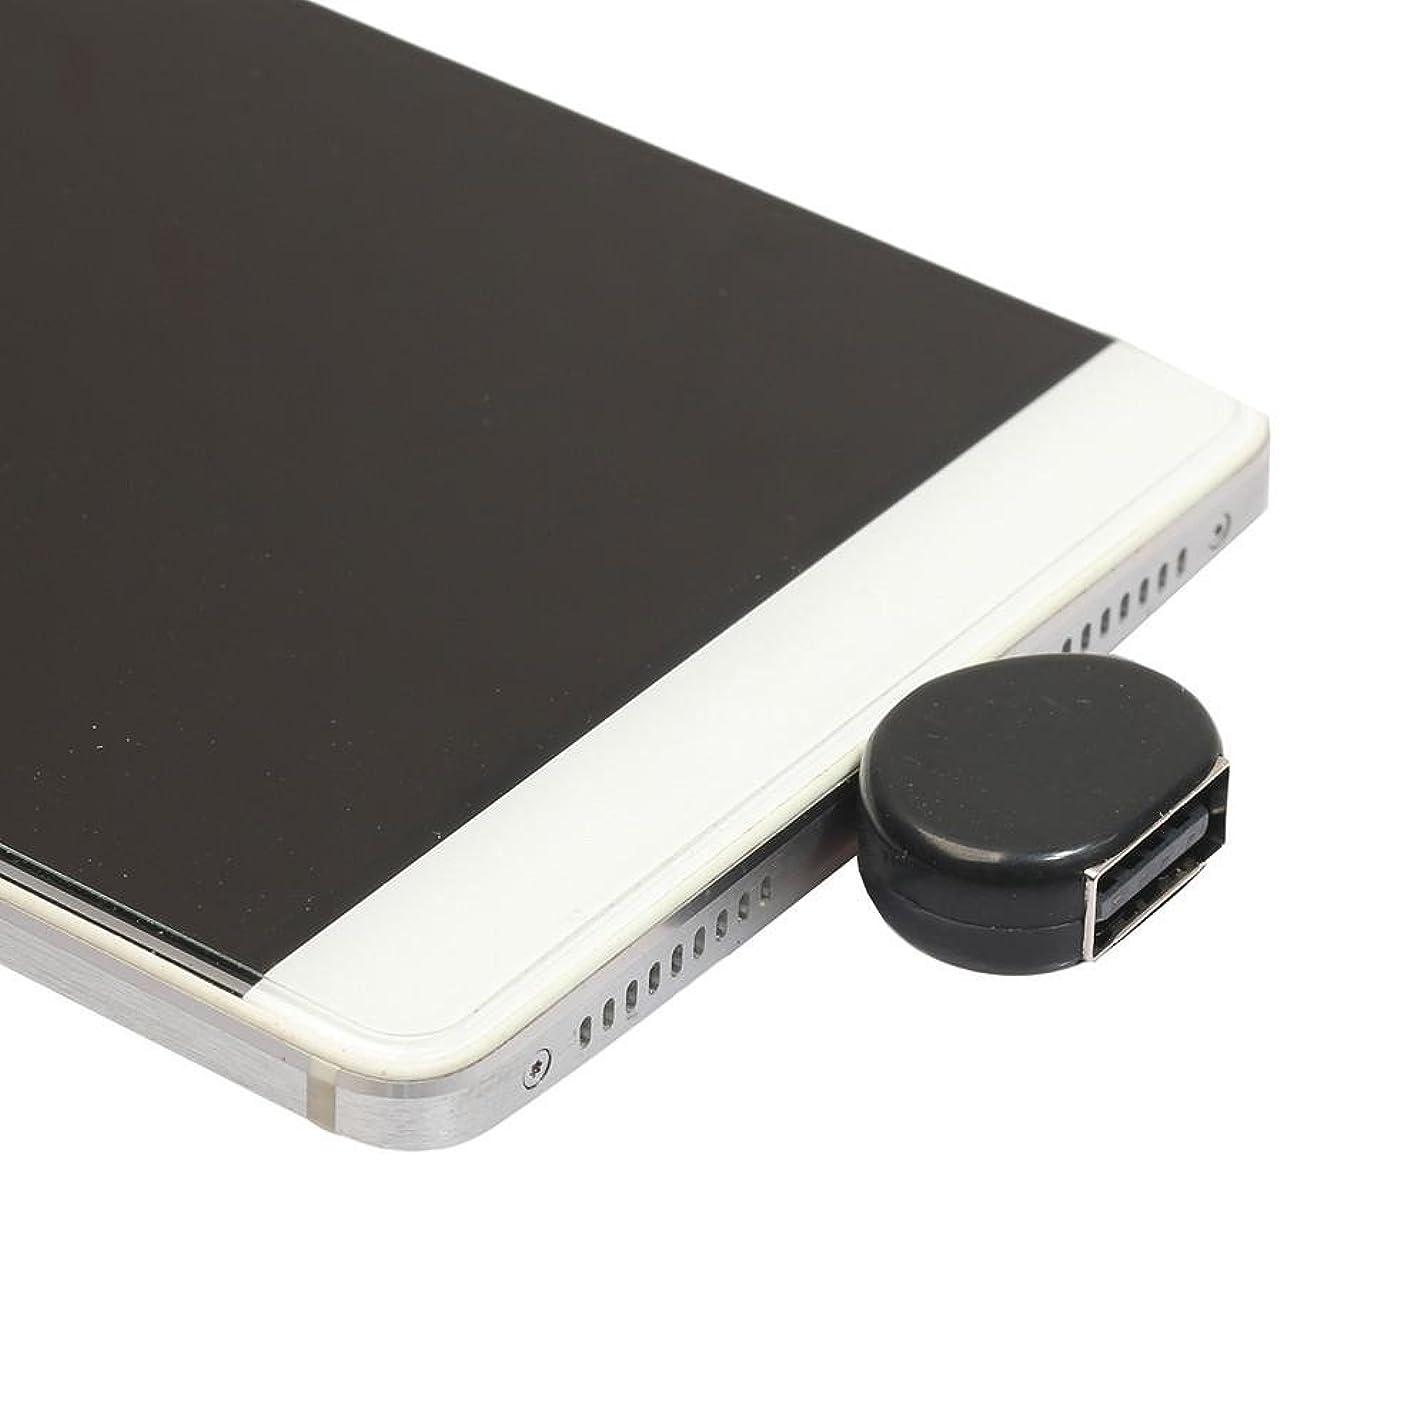 ショッピングセンターうめき生ftxj Micro USBオスto USB 2.0アダプタOTGコンバータfor Androidタブレット電話